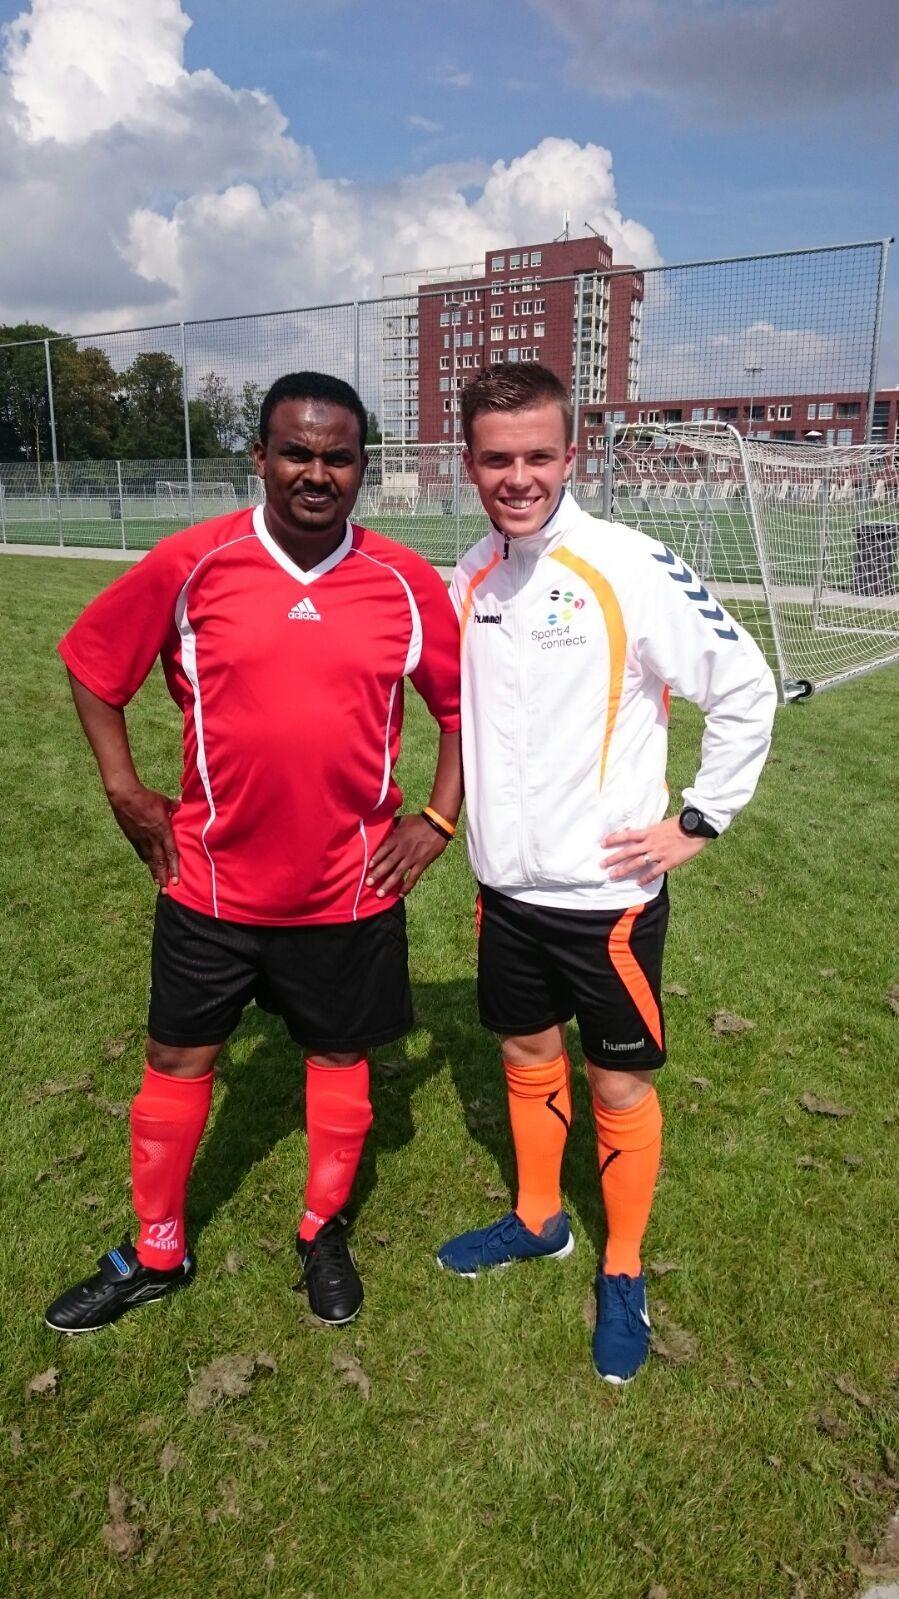 Een portret van trainer van vv NEC Delfzijl Jos Schaart en aanjager Shinbir van AZC Delfzijl.